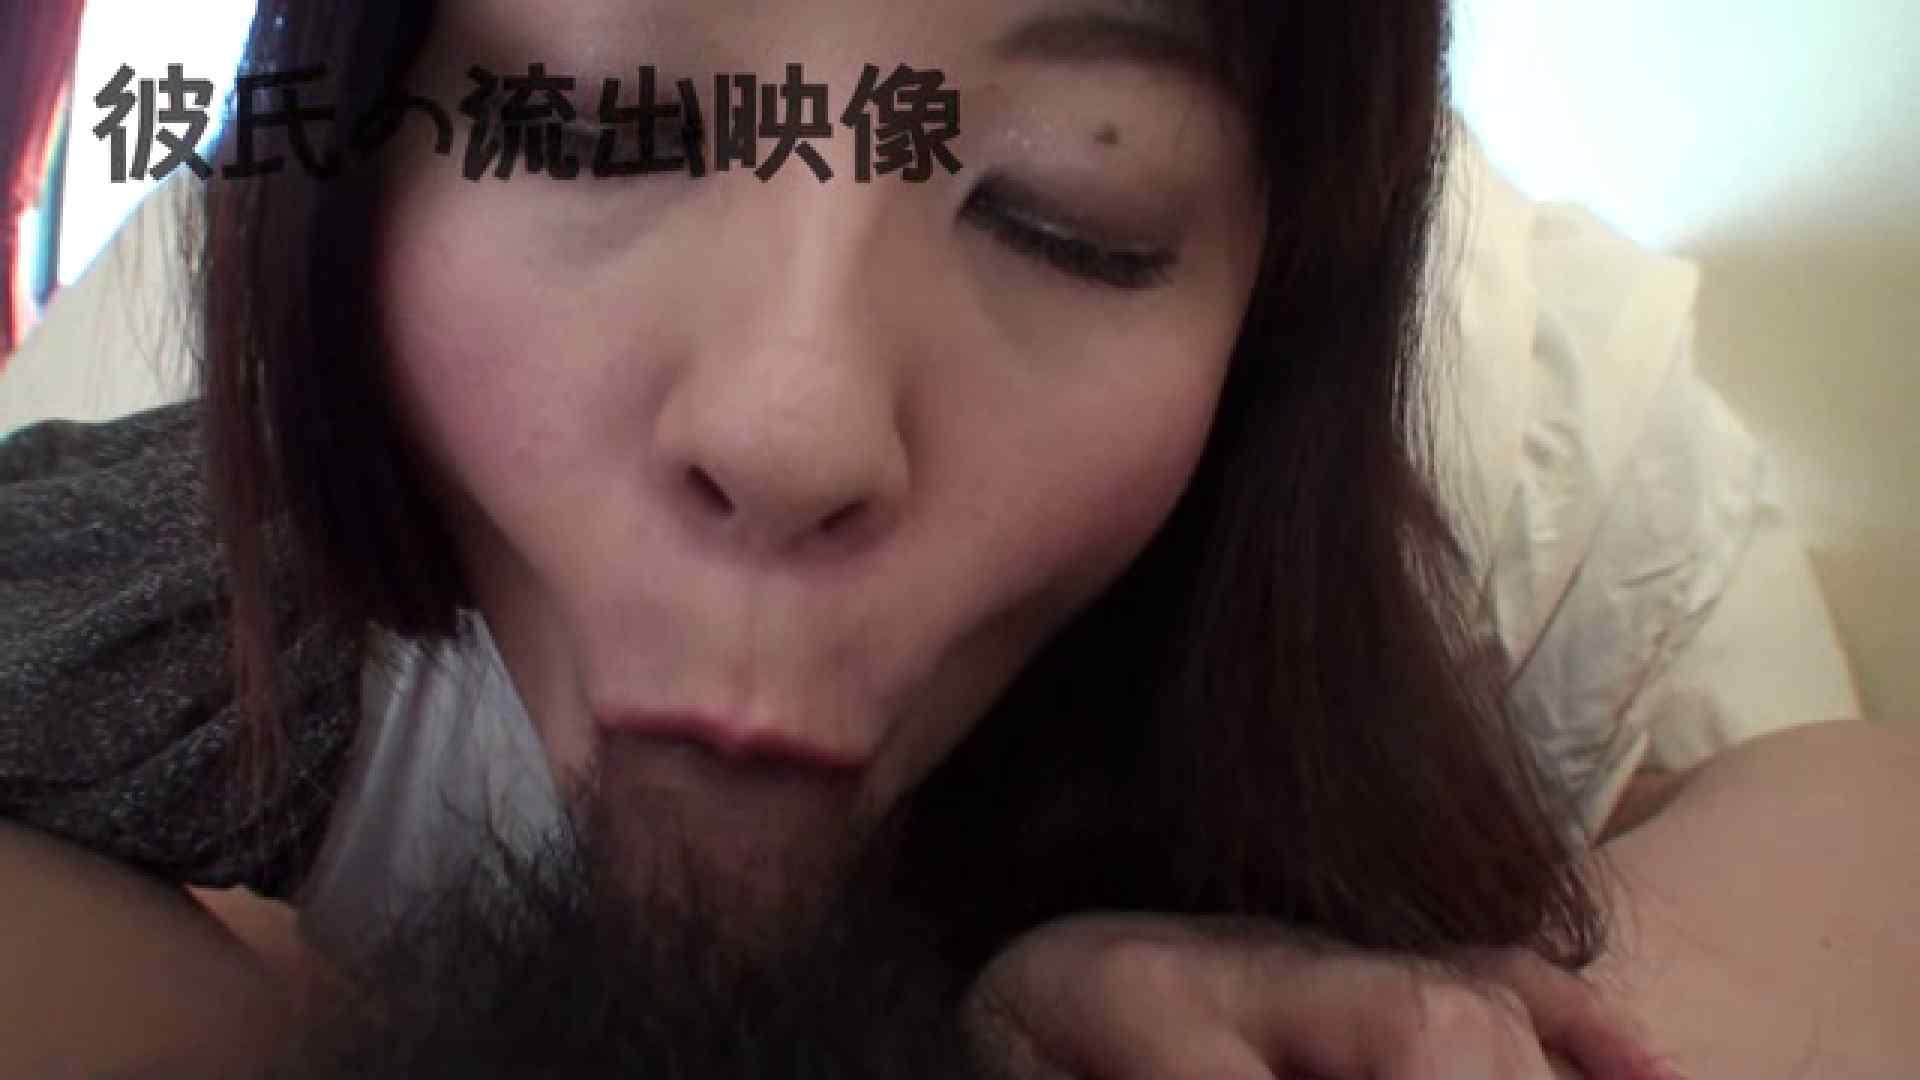 彼氏が流出 パイパン素人嬢のハメ撮り映像05 パイパン  47連発 10